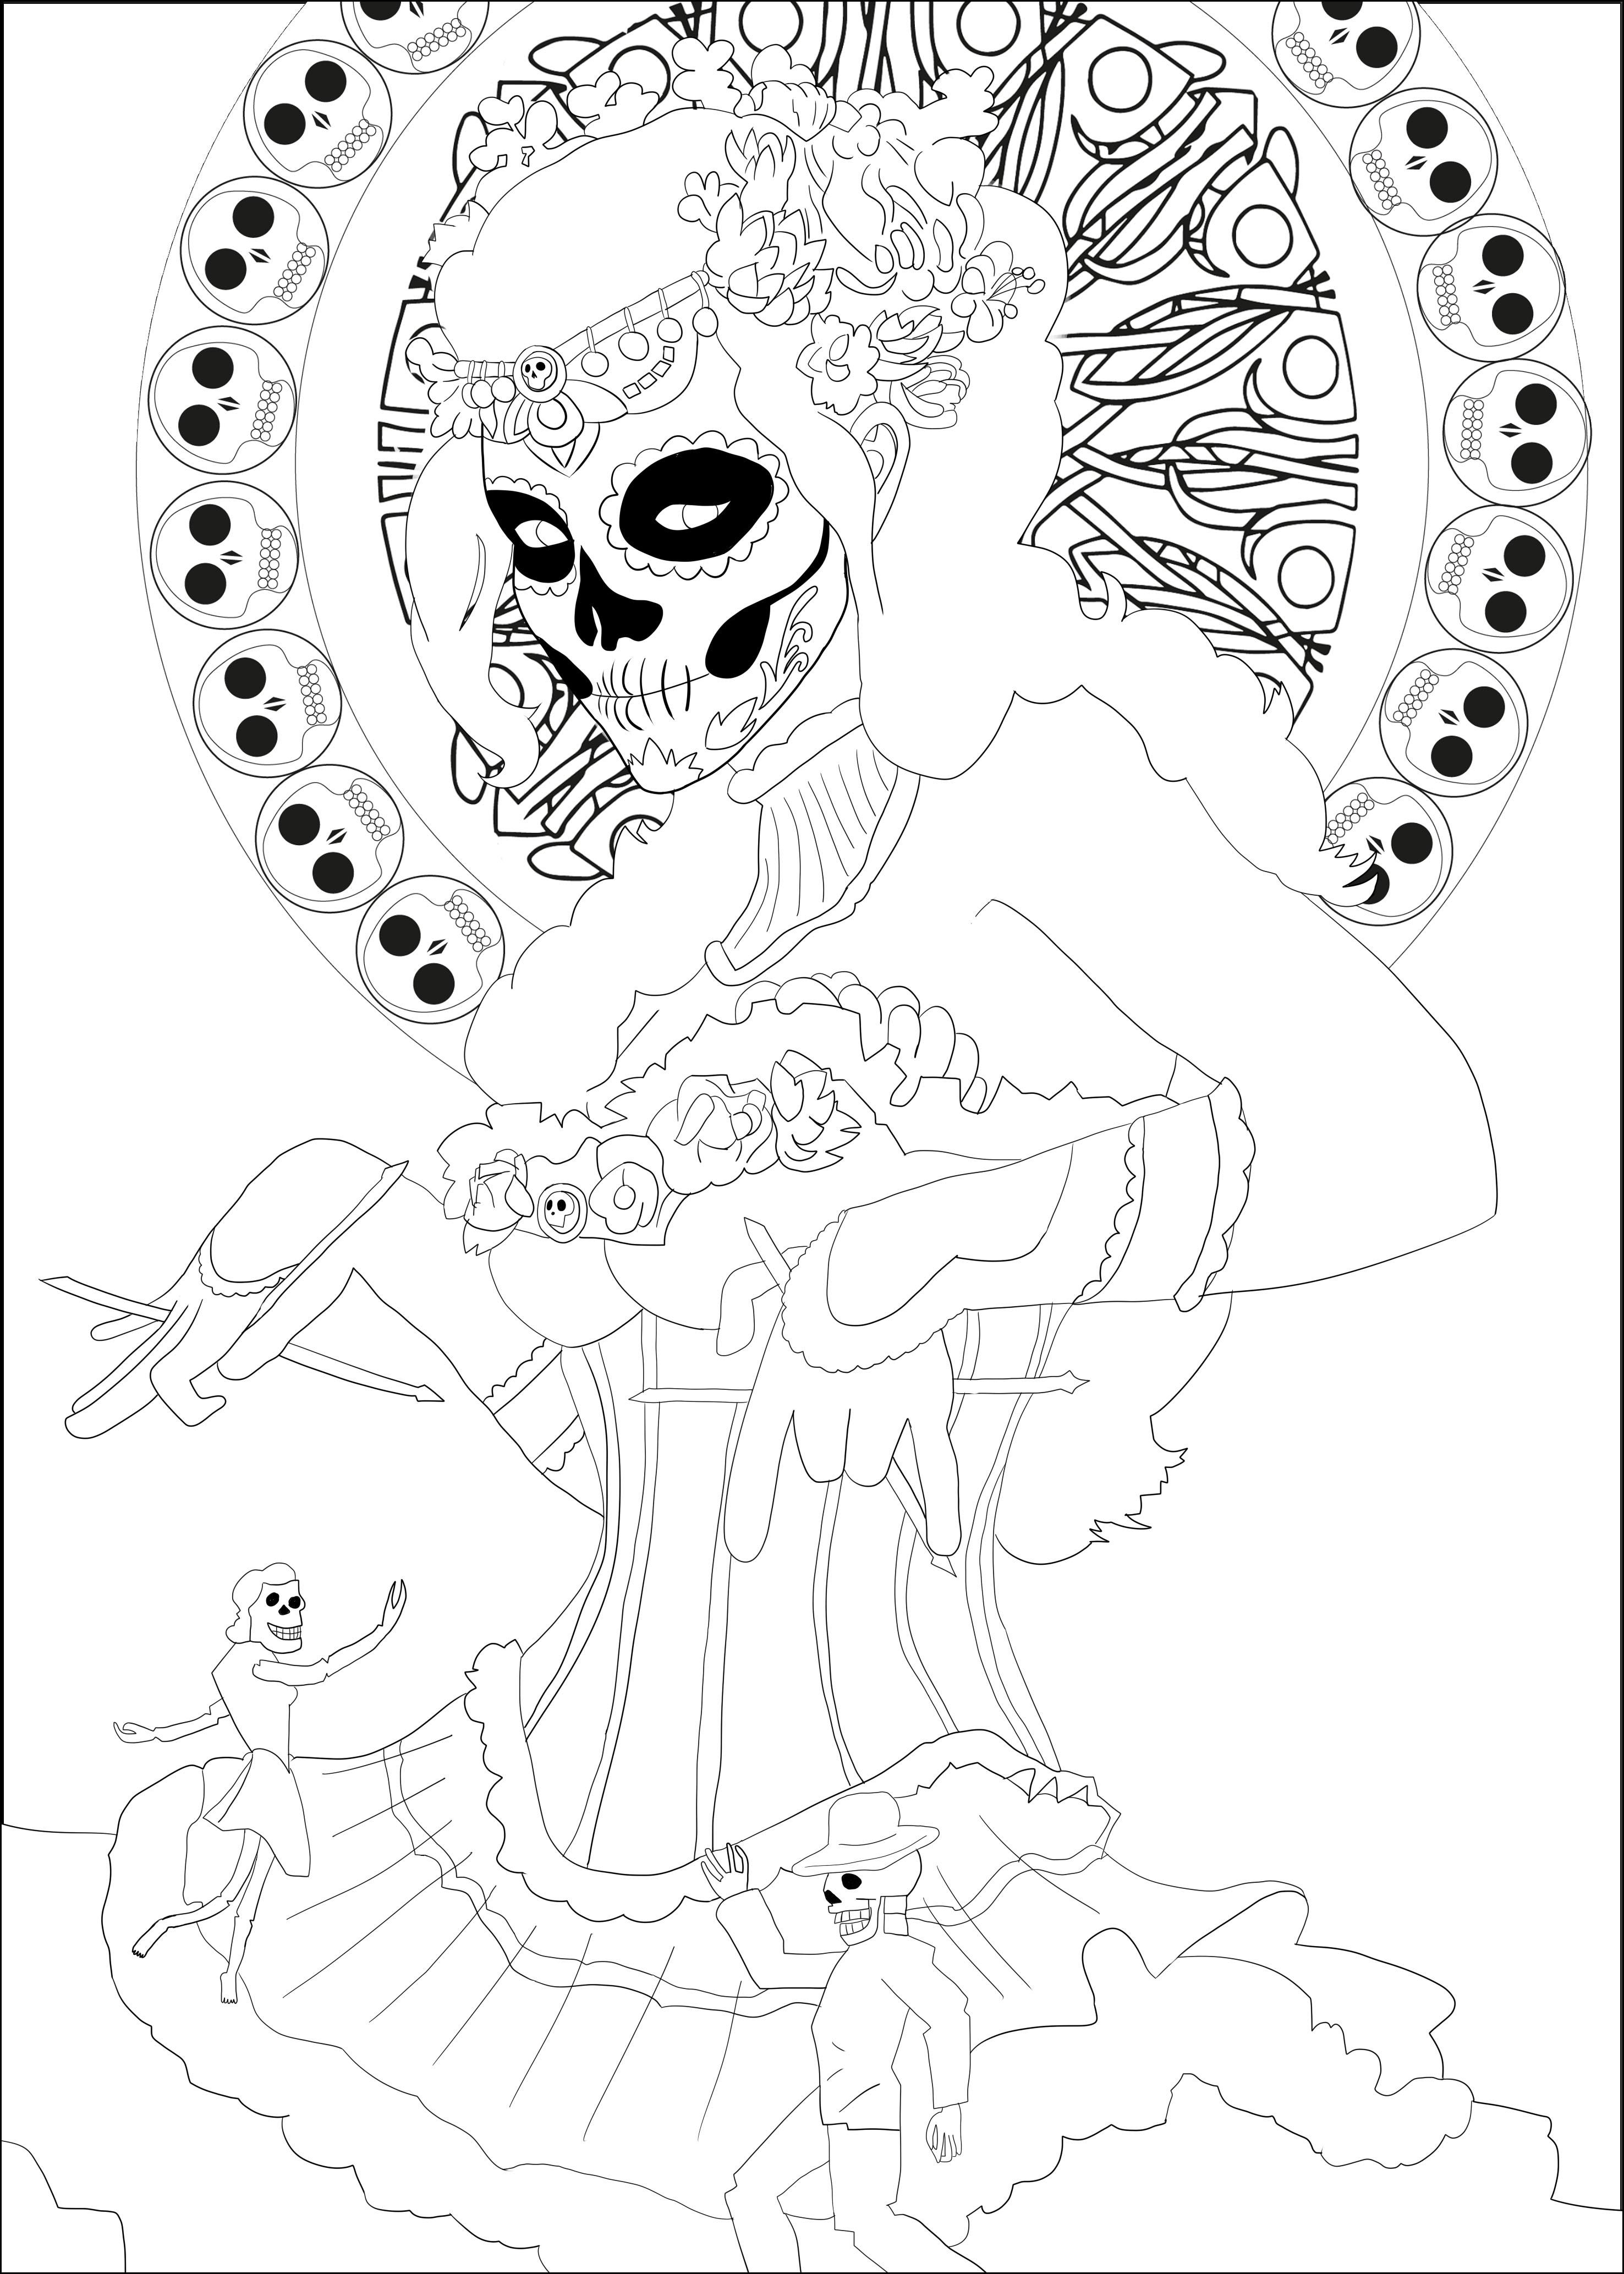 El dia de los muertos coloring pages for adults for El dia de los muertos coloring pages